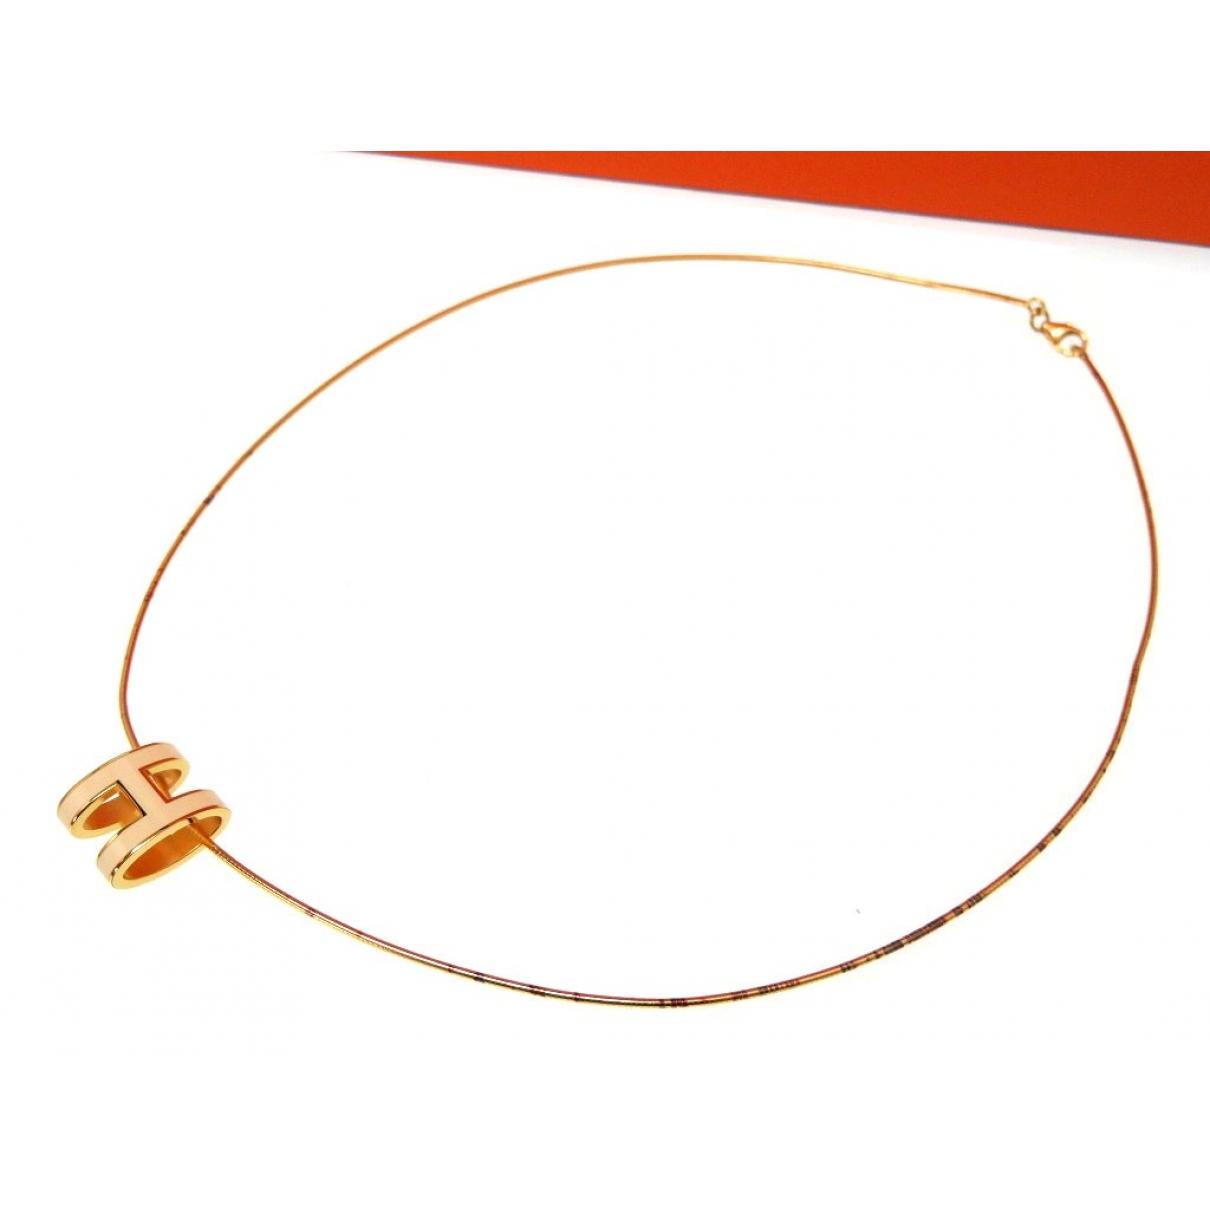 Hermes - Collier Pop H pour femme en plaque or - dore